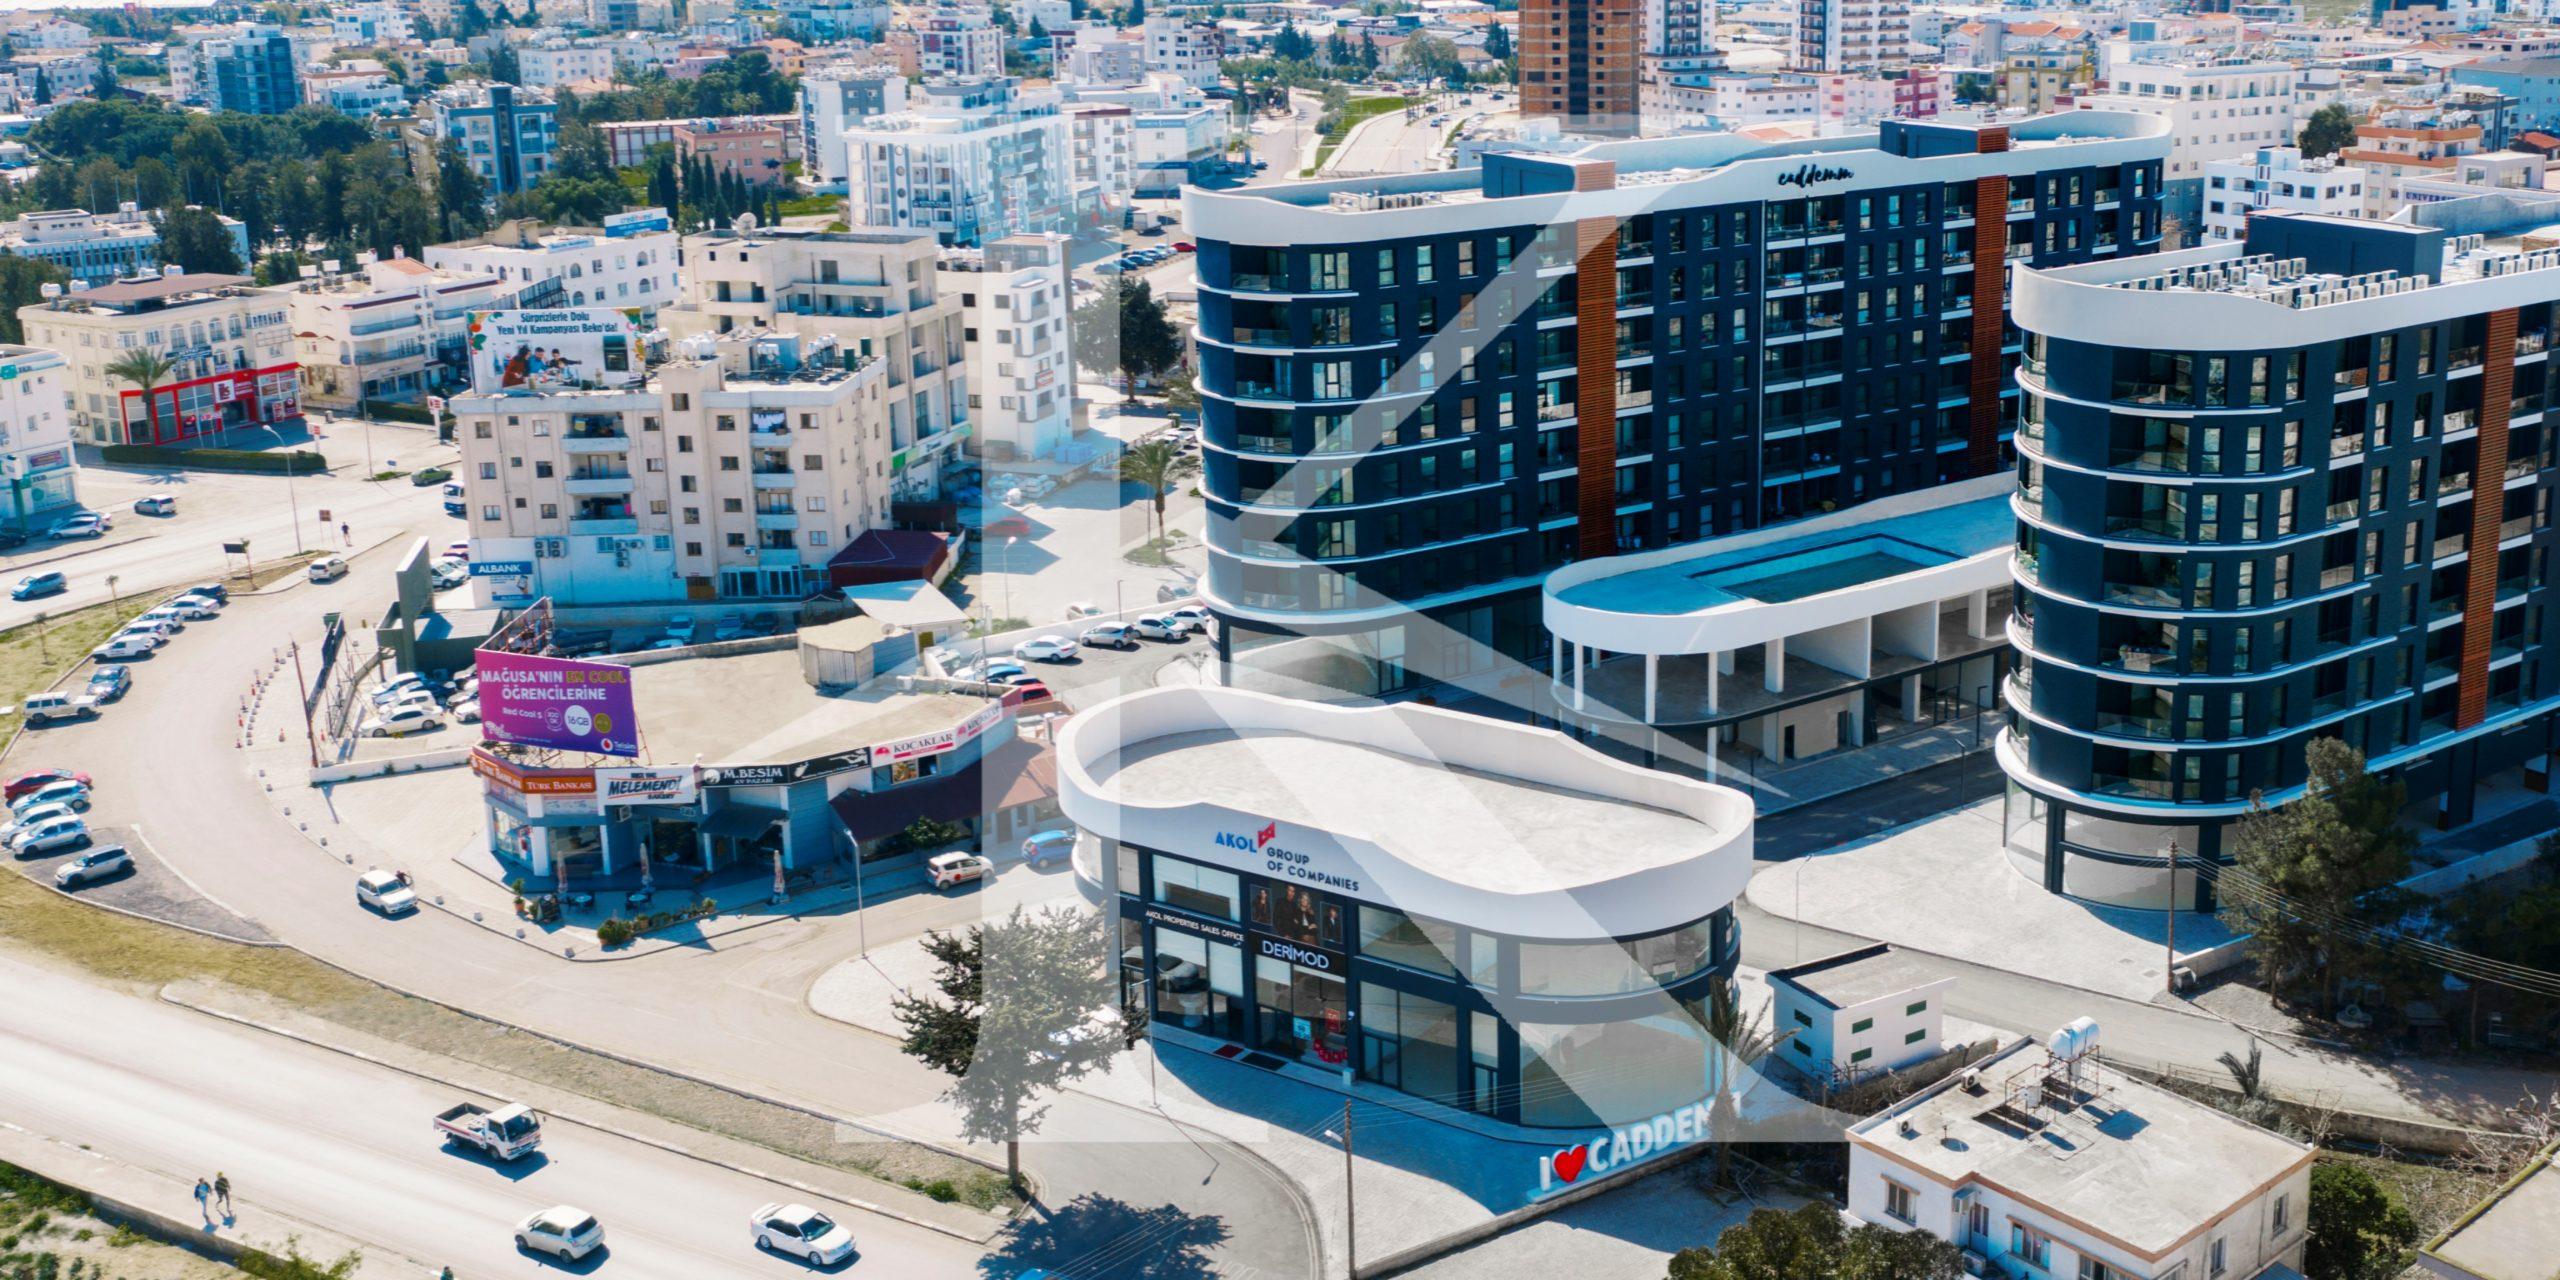 گالری تصاویر پروژه مدرن شهری